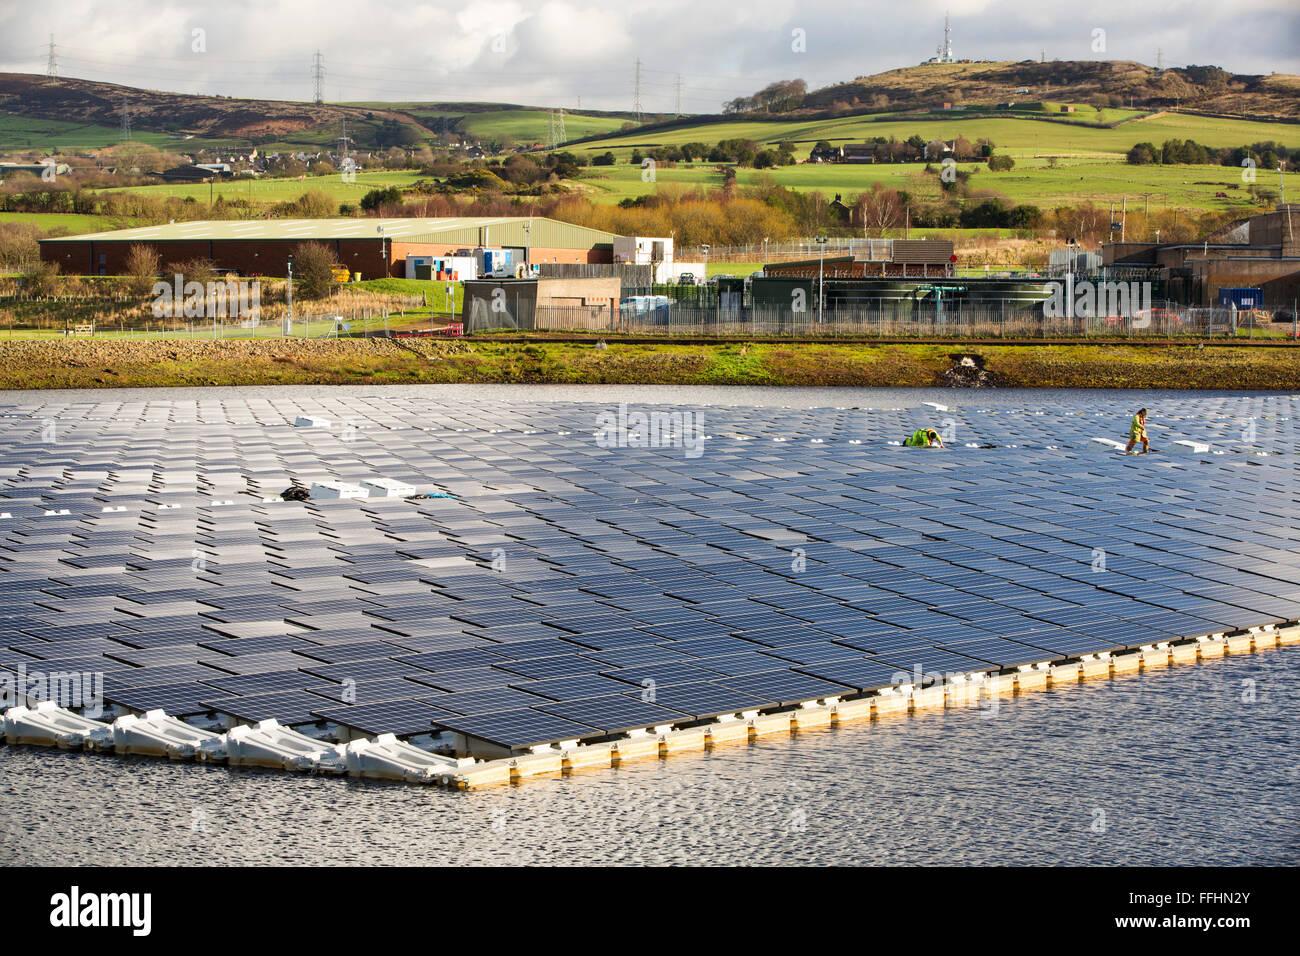 La nueva granja solar flotante está conectado a la red en Godley Depósito en Hyde, Manchester, Reino Unido. Imagen De Stock